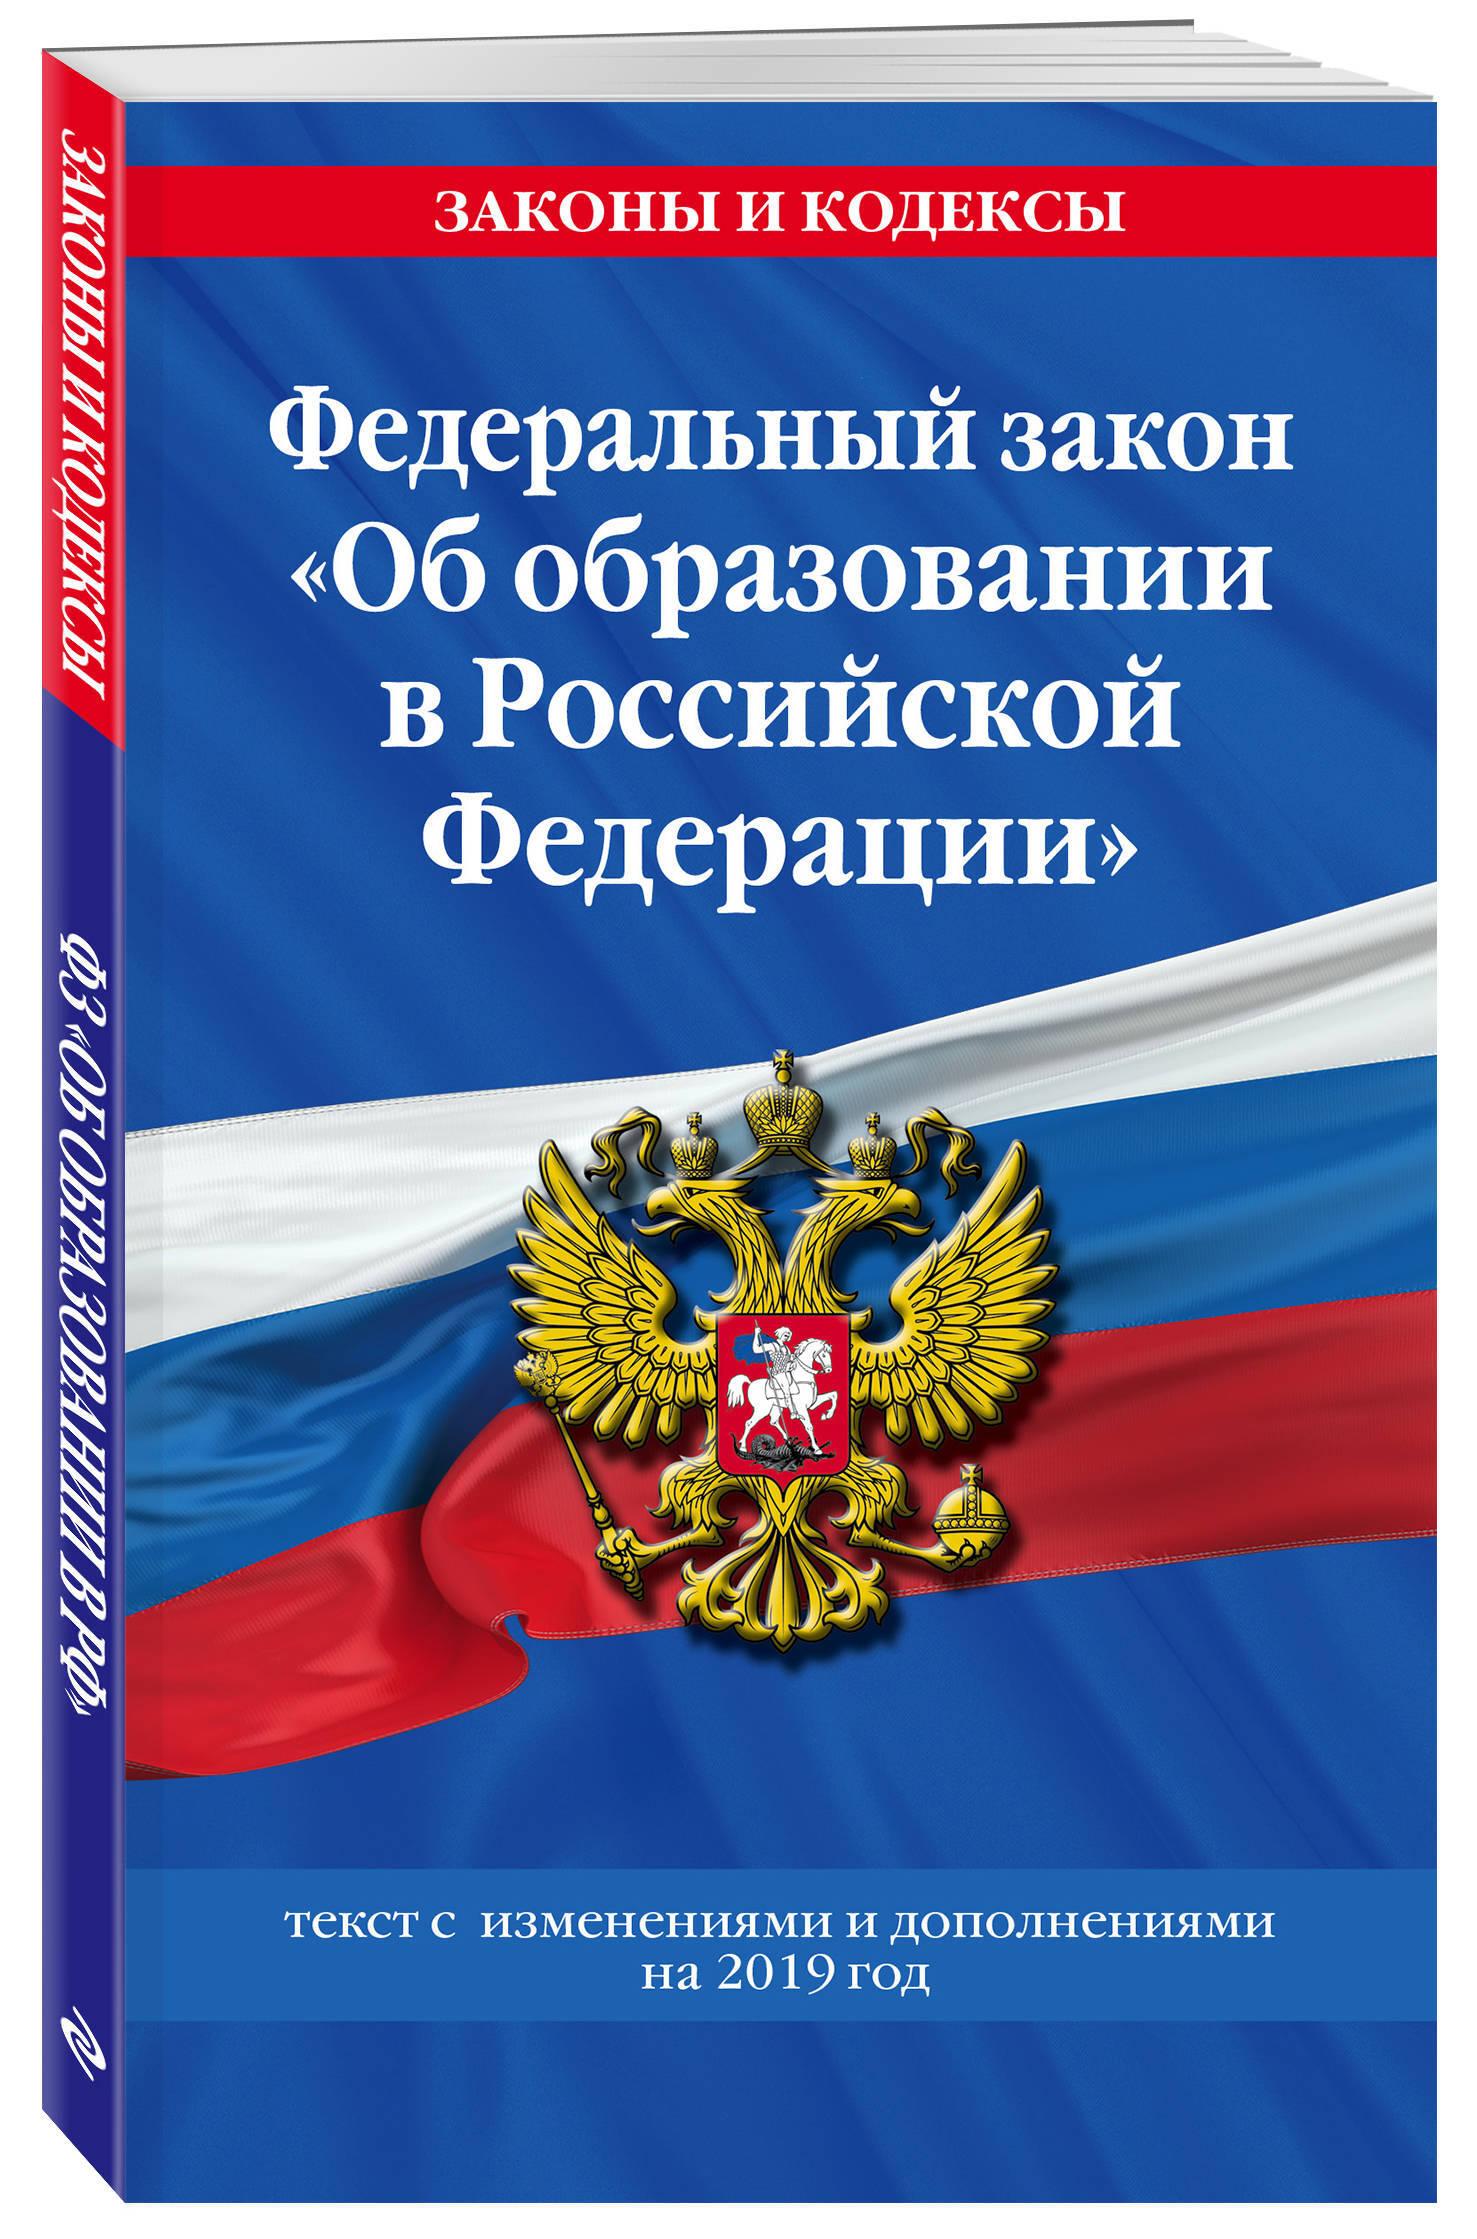 Федеральные законы российской федерации